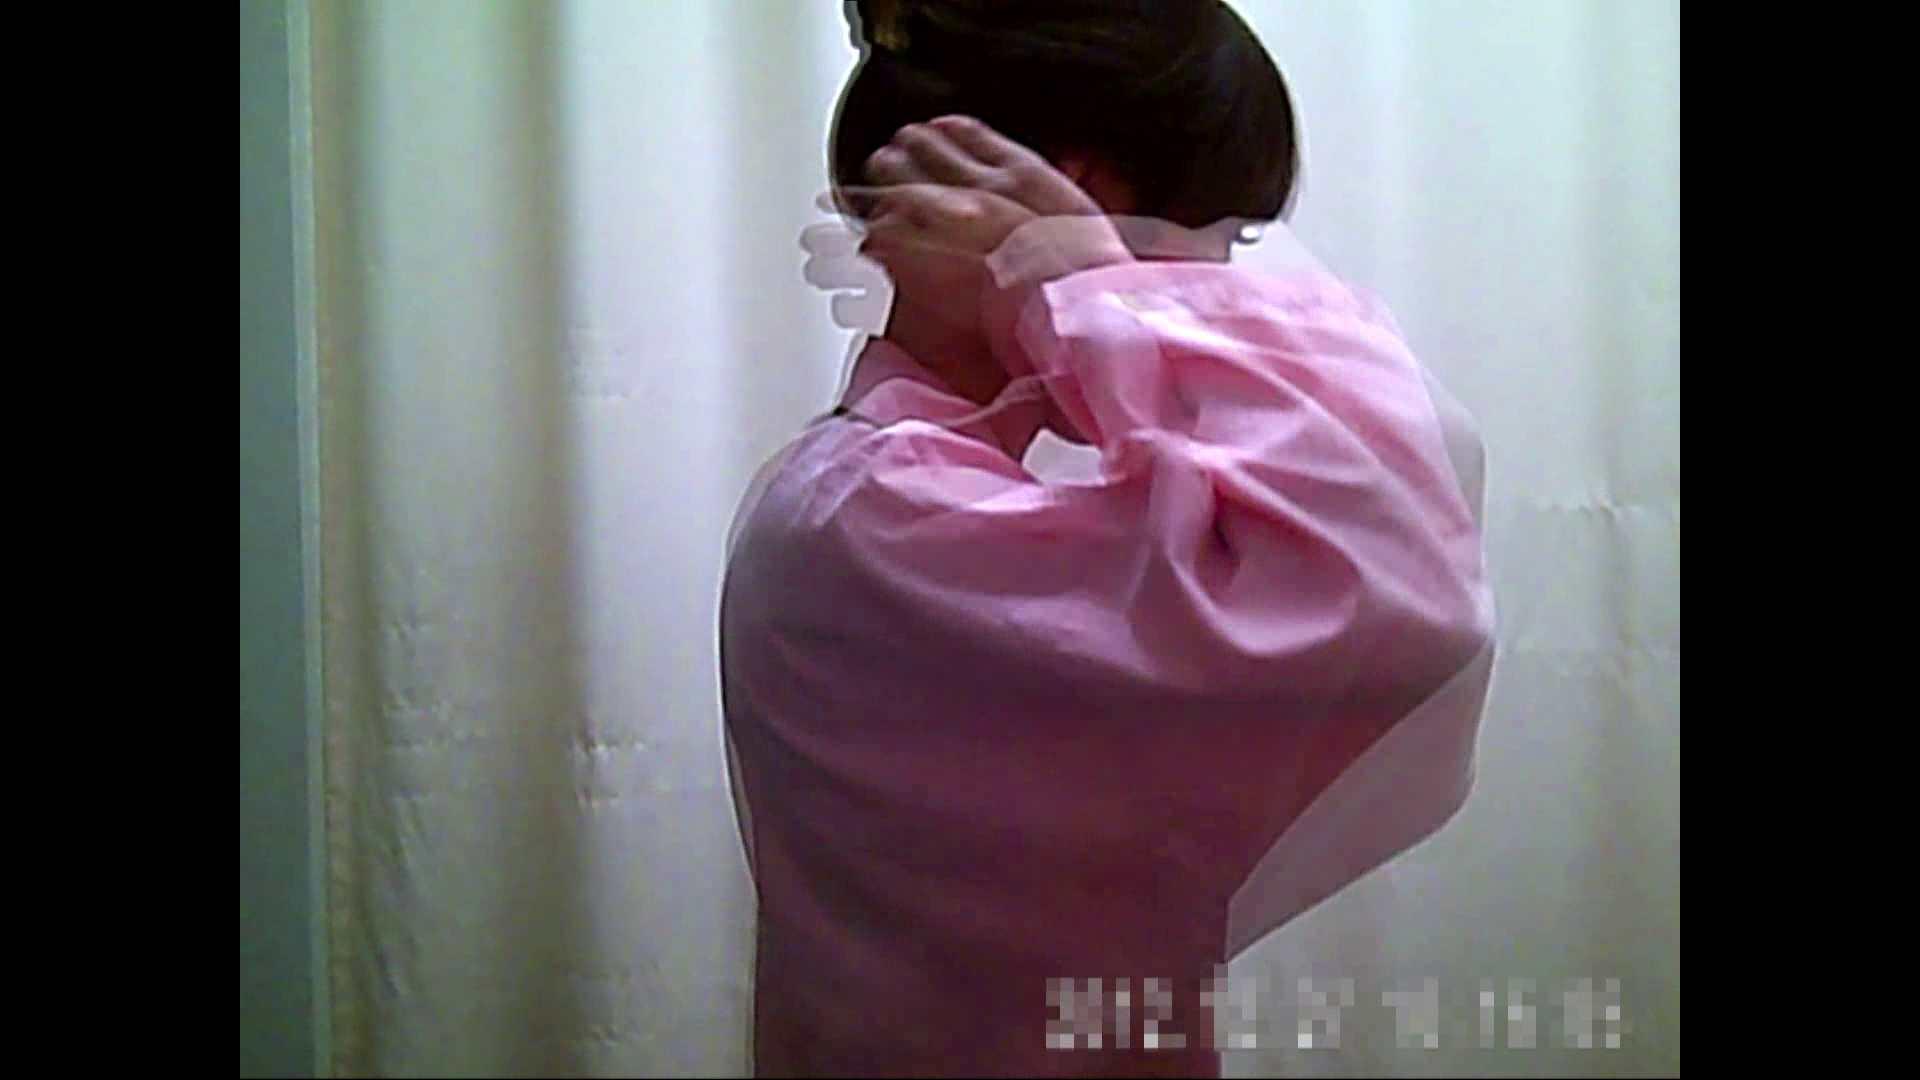 トイレ盗撮|元医者による反抗 更衣室地獄絵巻 vol.111|怪盗ジョーカー